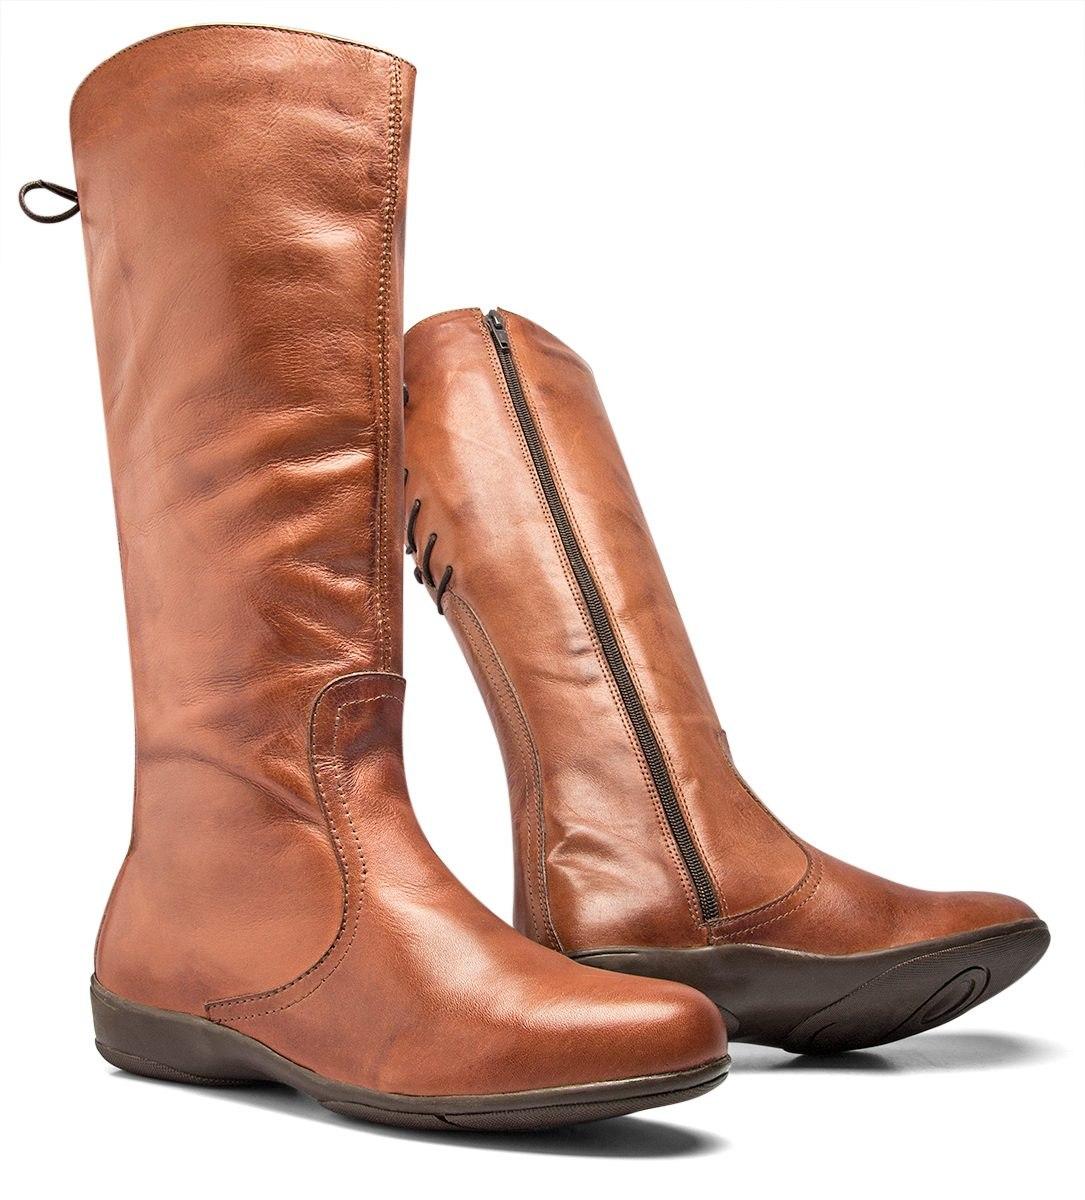 faa430669 bota feminina montaria texana cano longo ajustável couro. Carregando zoom.